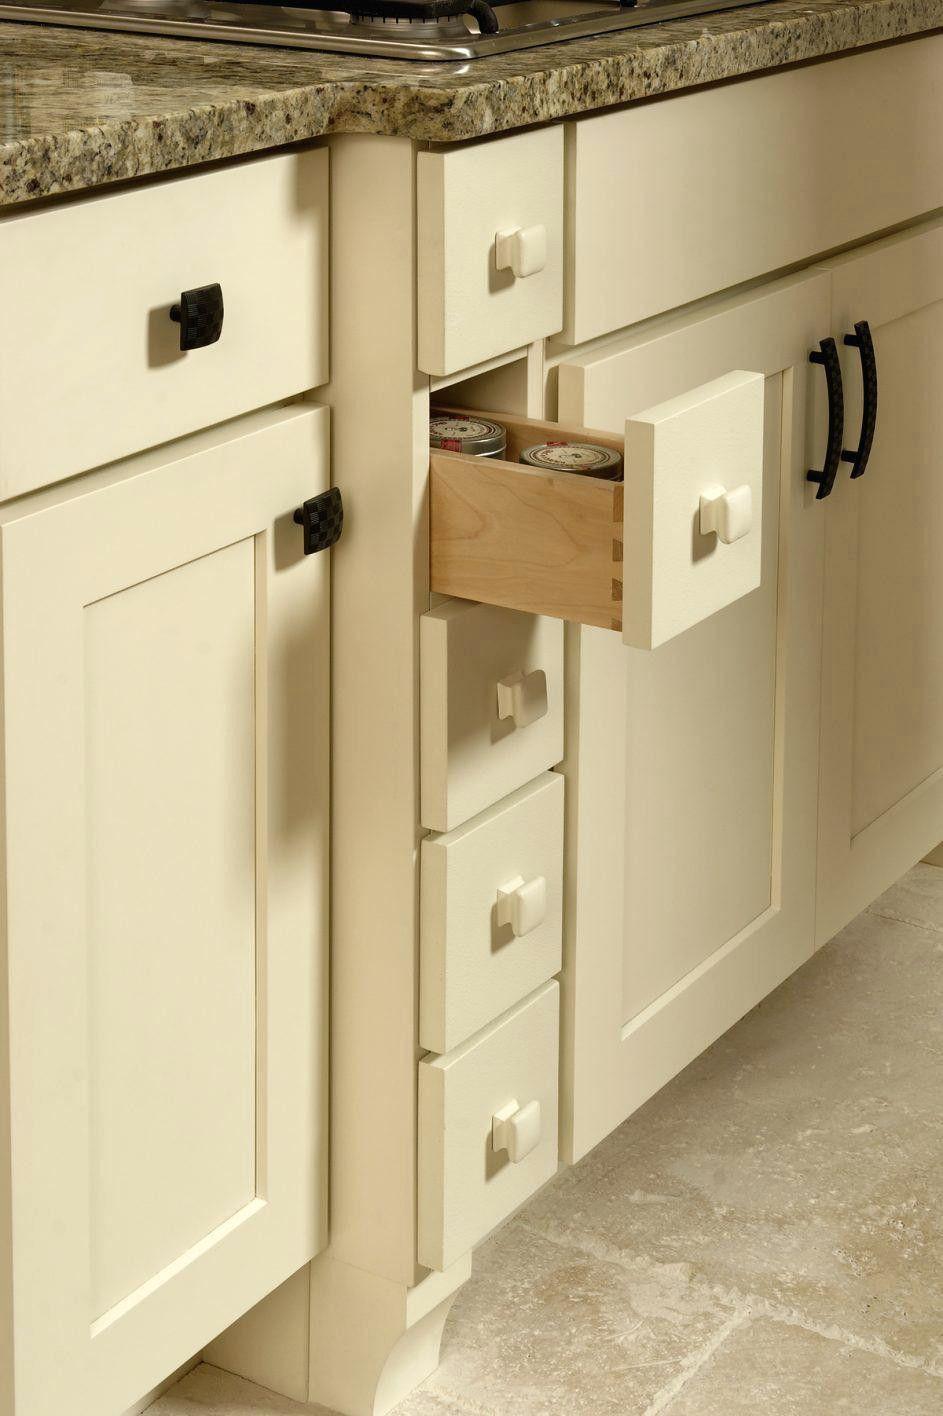 Glass Kitchen Cabinet Doors Home Depot 2020 In 2020 Contemporary Kitchen Cabinets Kitchen Cabinet Storage Cabinet Doors